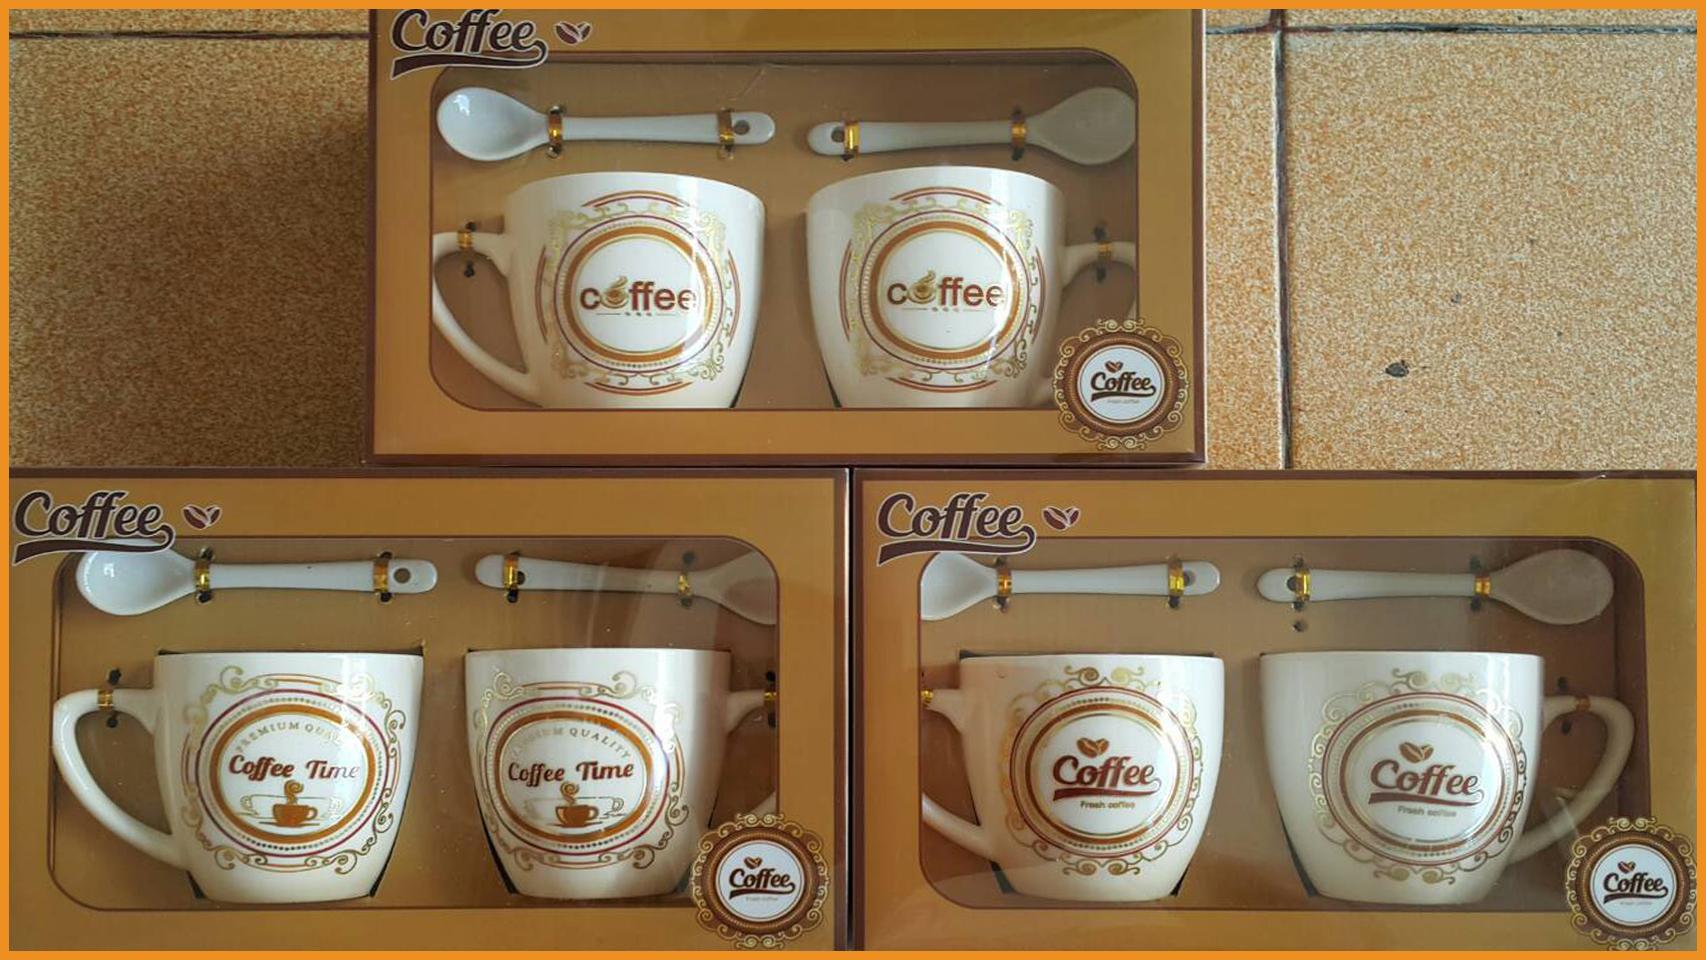 ชุดแก้วกาแฟคู่พร้อมช้อนลวดลายพร้อมกล่องลายกาแฟ รุ่นเล็ก 3